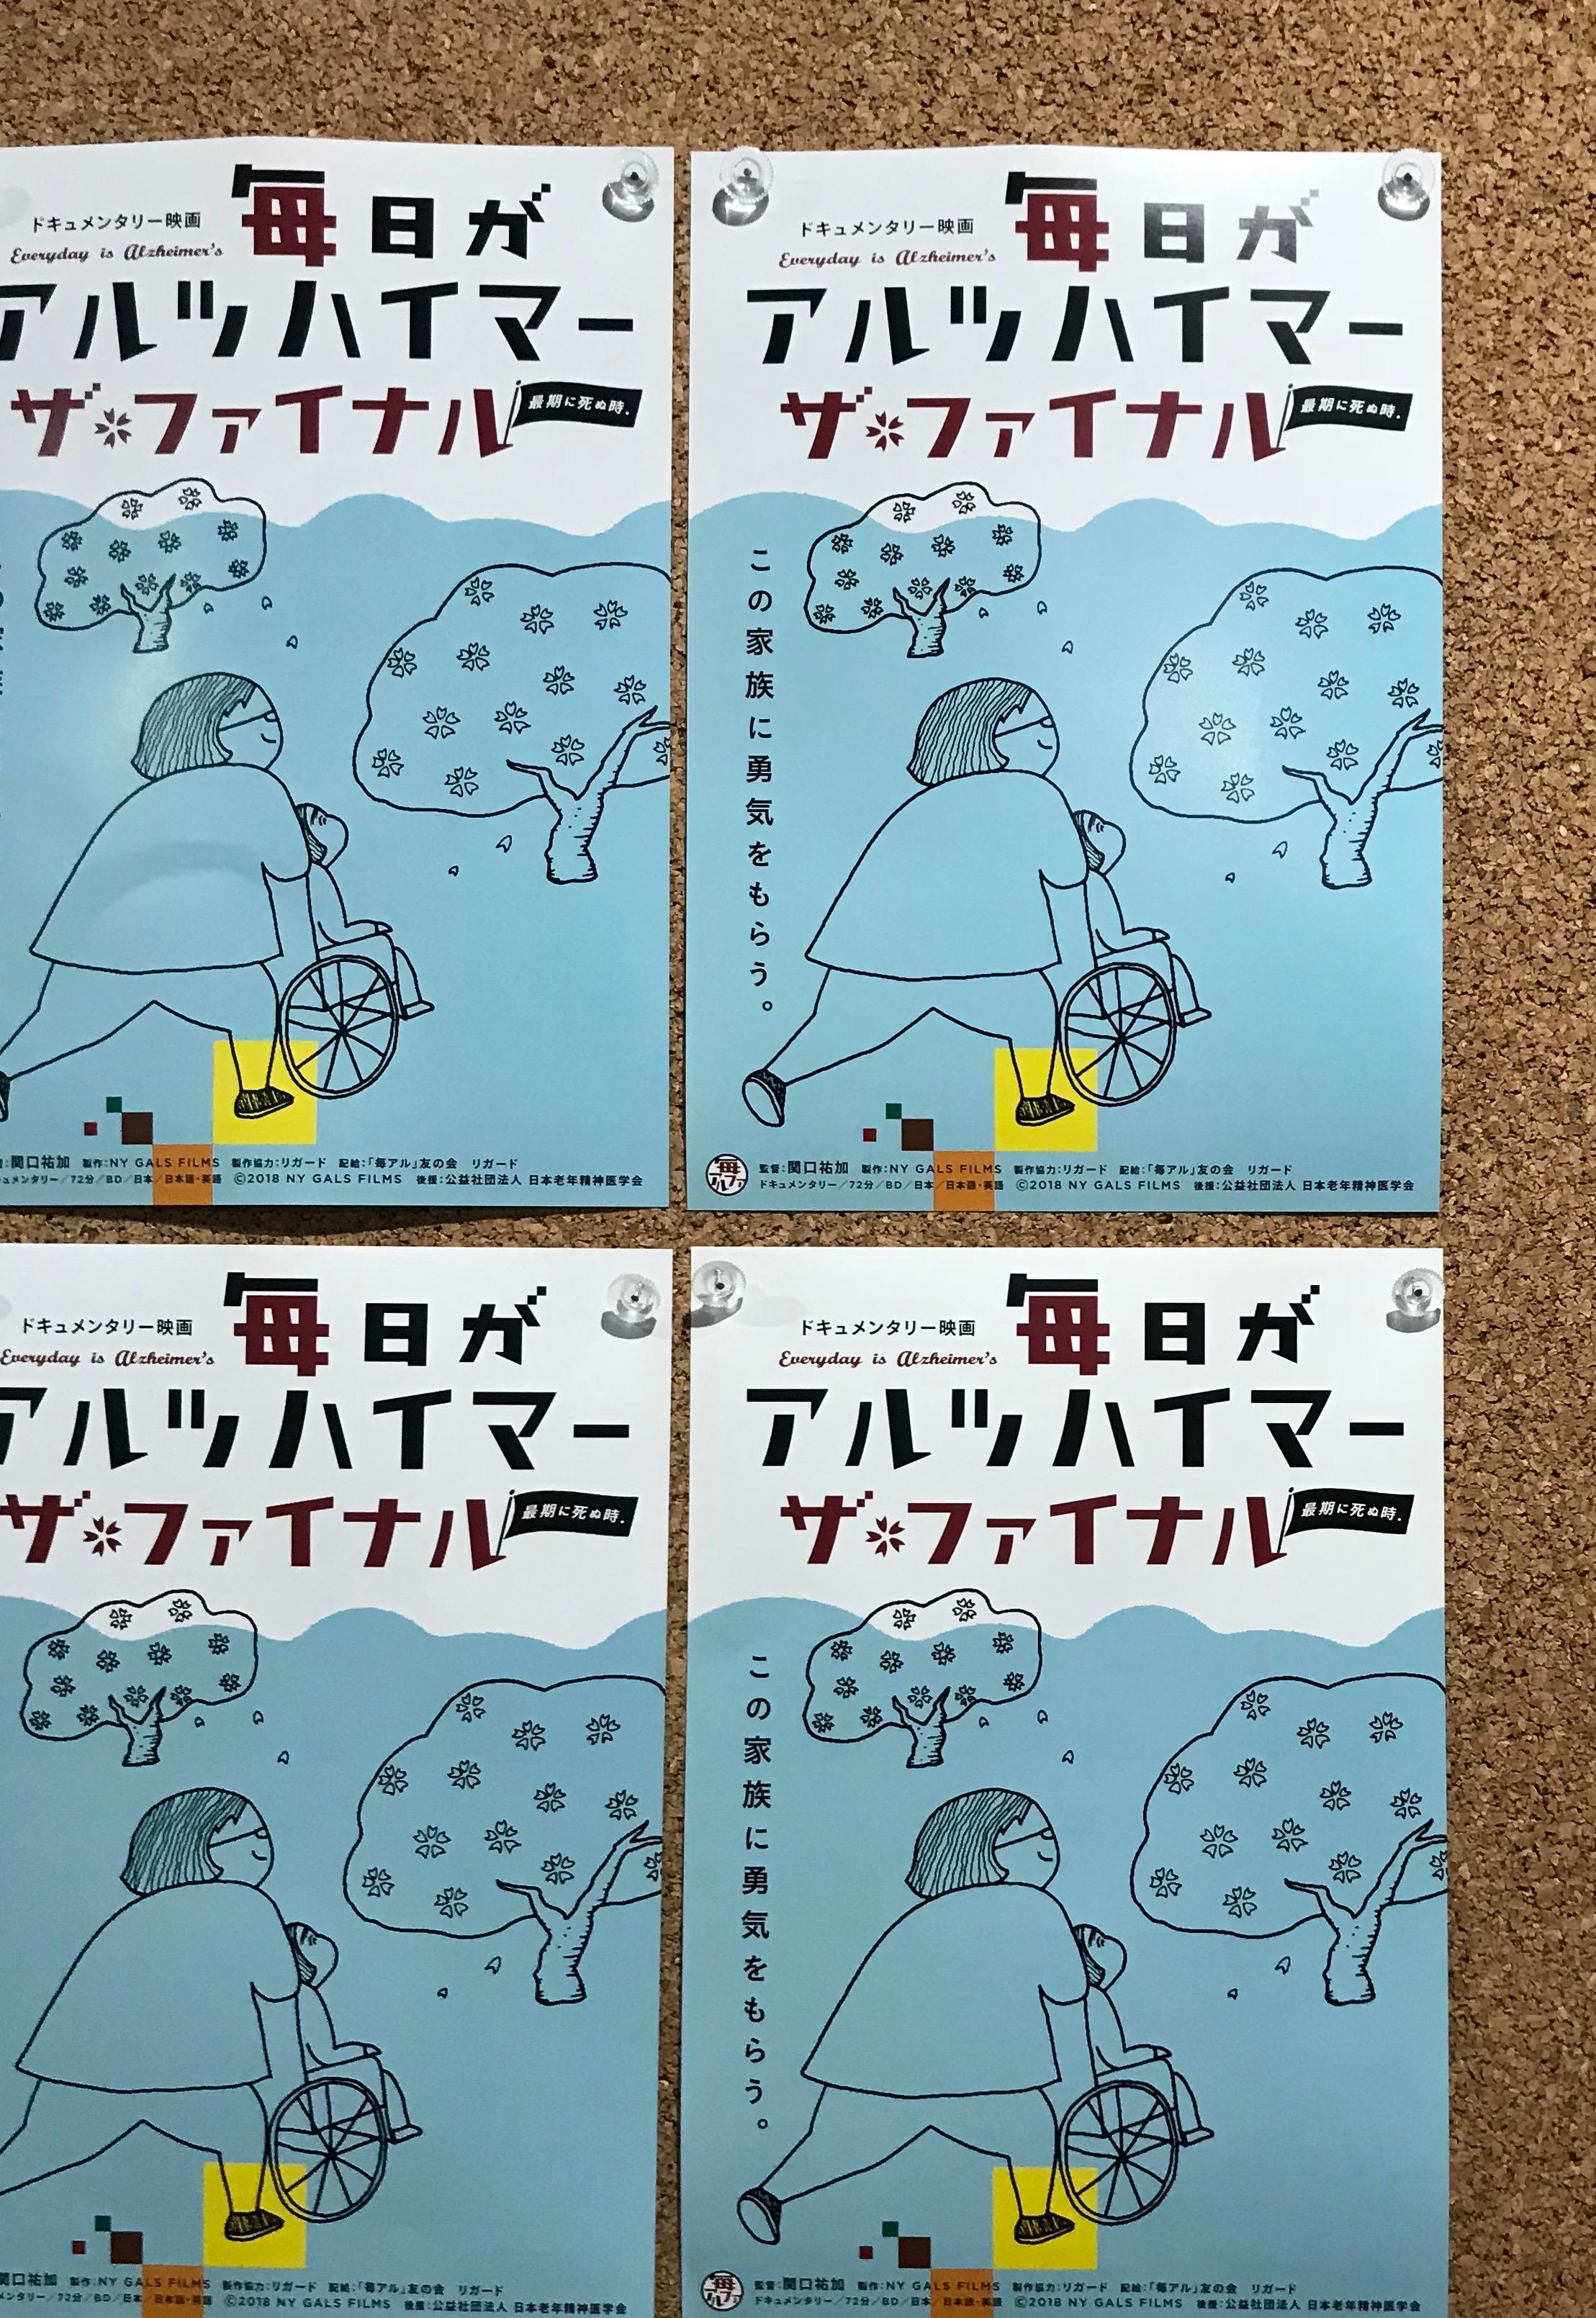 関口祐加監督『毎日がアルツハイマー~ザ・ファイナル~』特別試写会